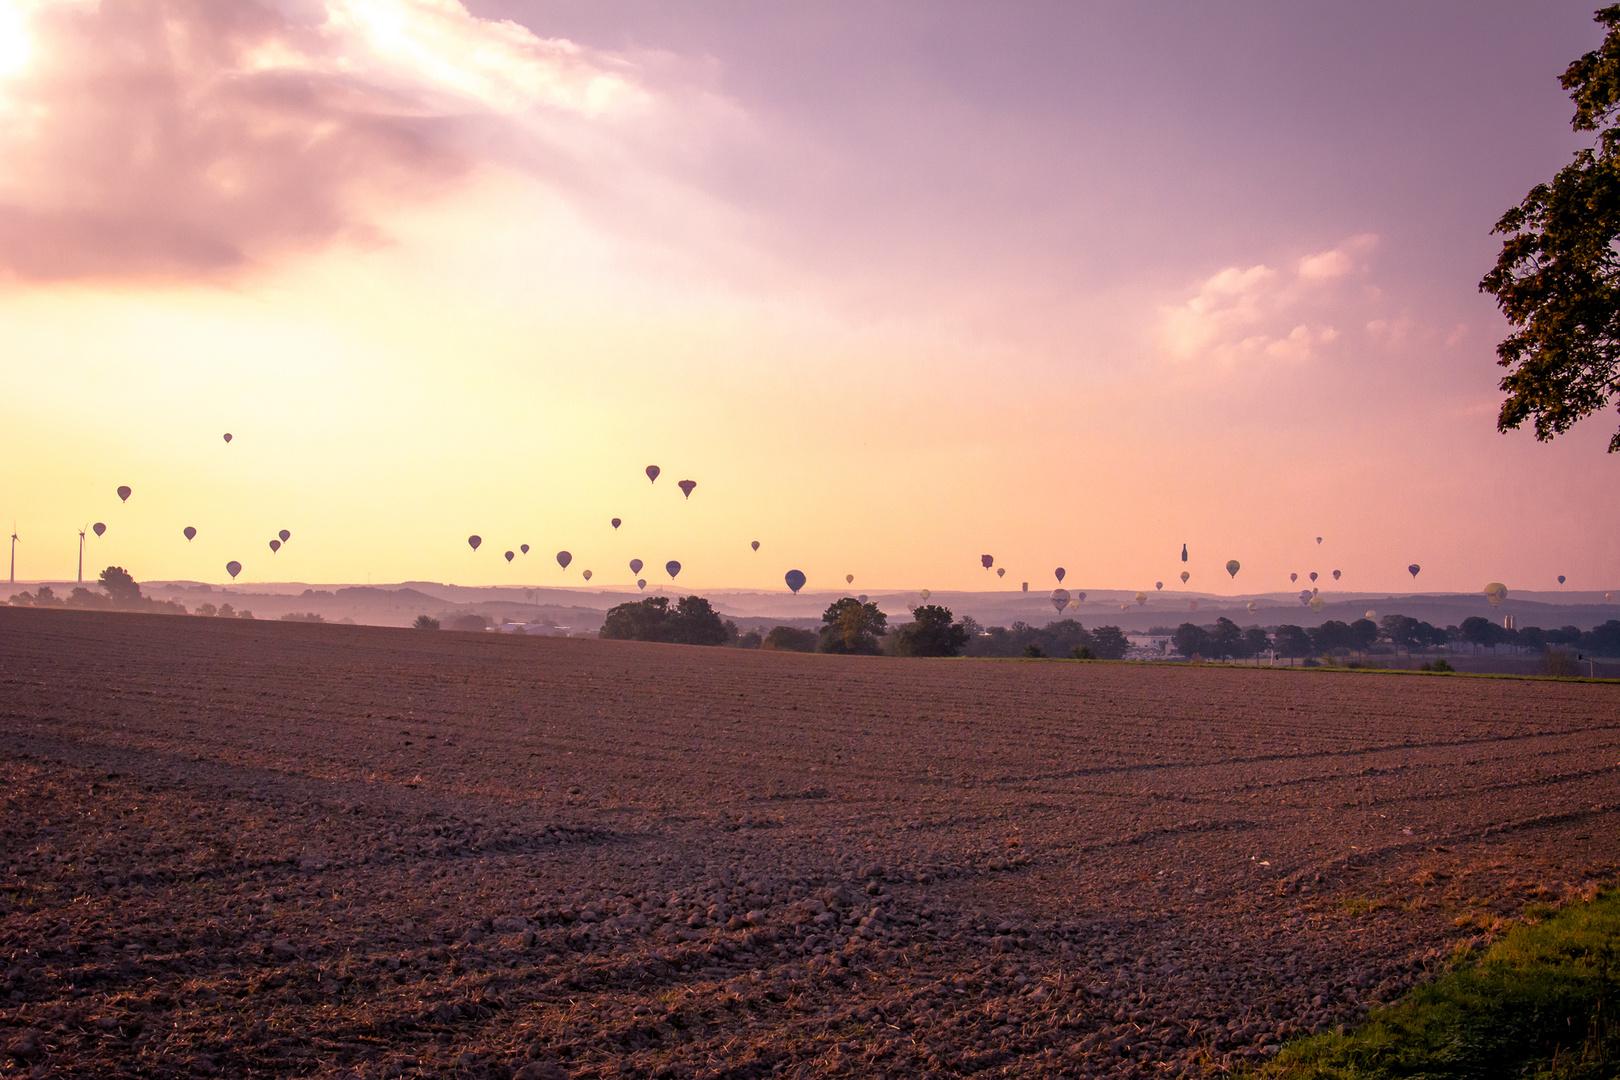 Ballonfahrer bei der Montgolfiade in Warstein